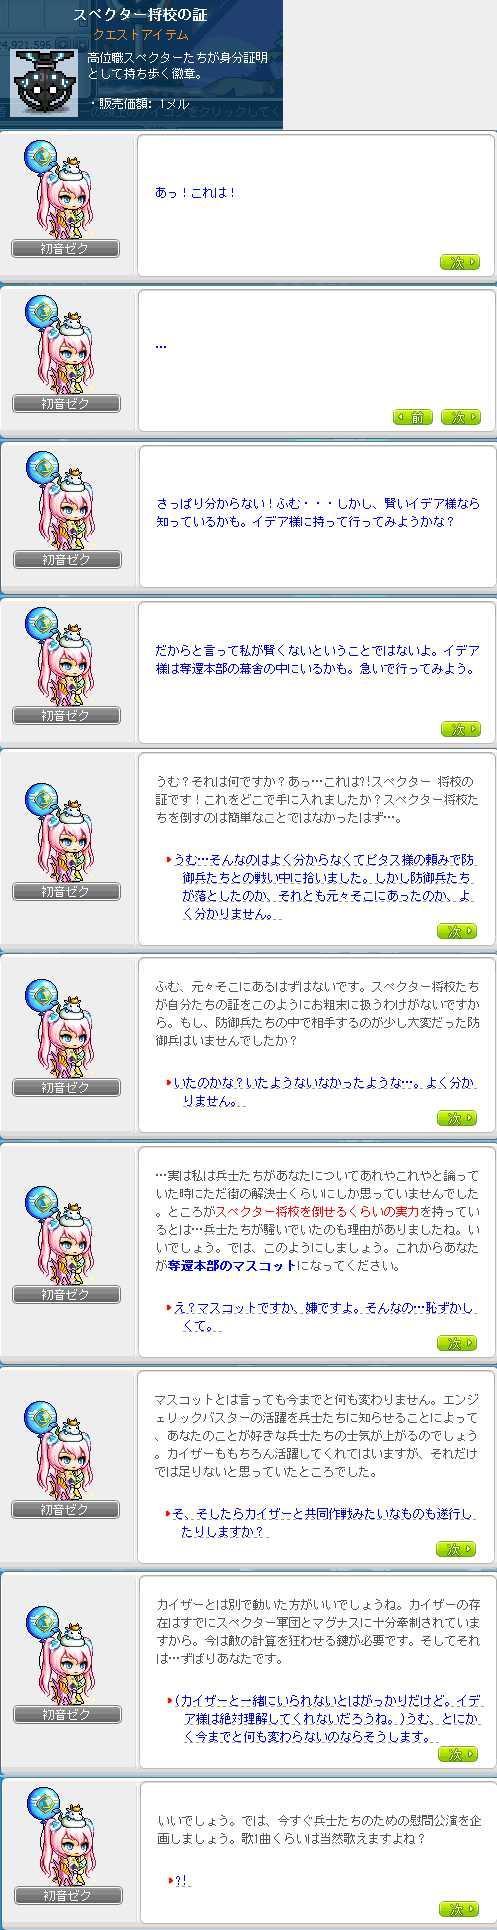 2013_0301_1645_1.jpg